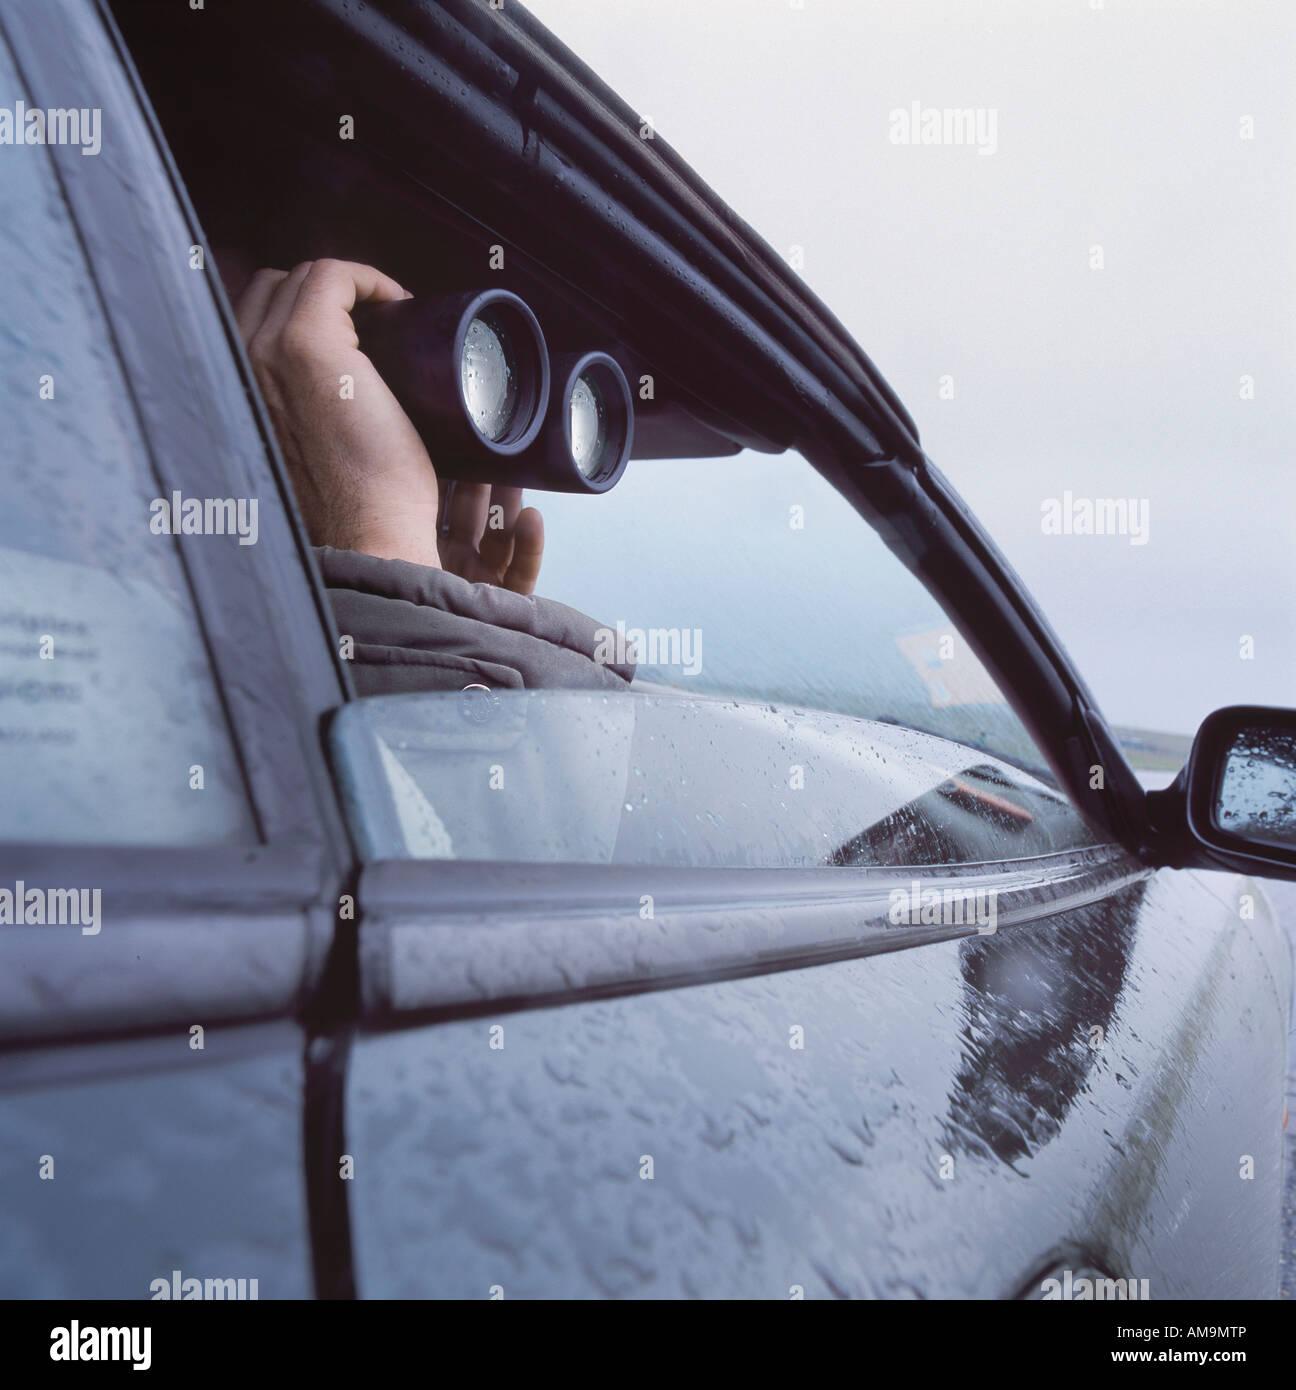 Mann mit dem Fernglas durch Autofenster zu spähen. Stockbild